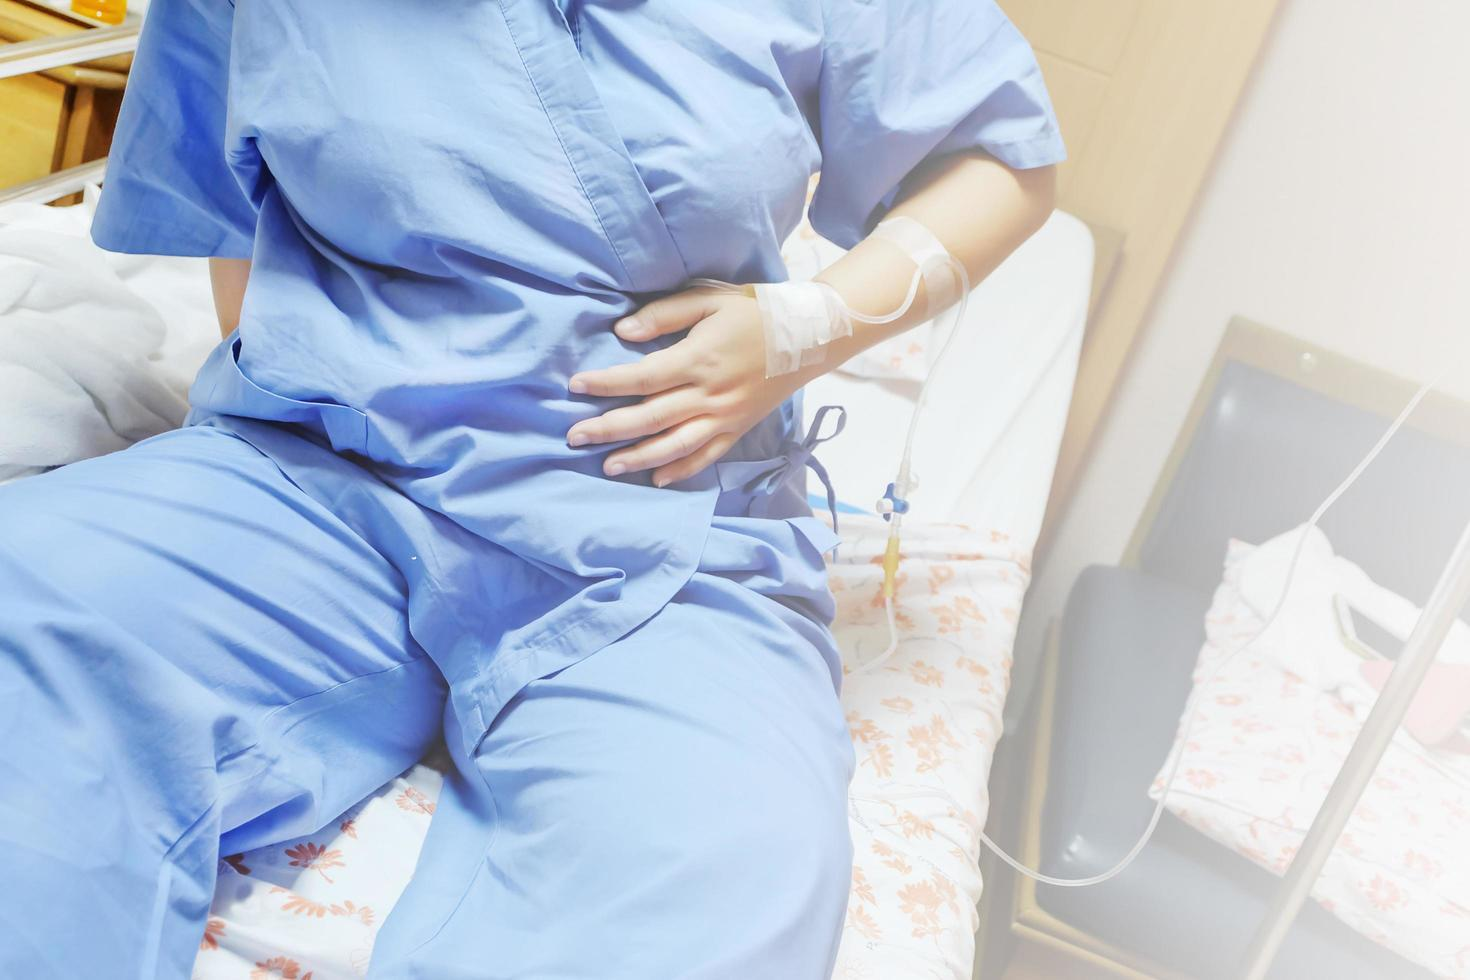 saltlösning intravenöst dropp i en kvinnlig patienthand foto